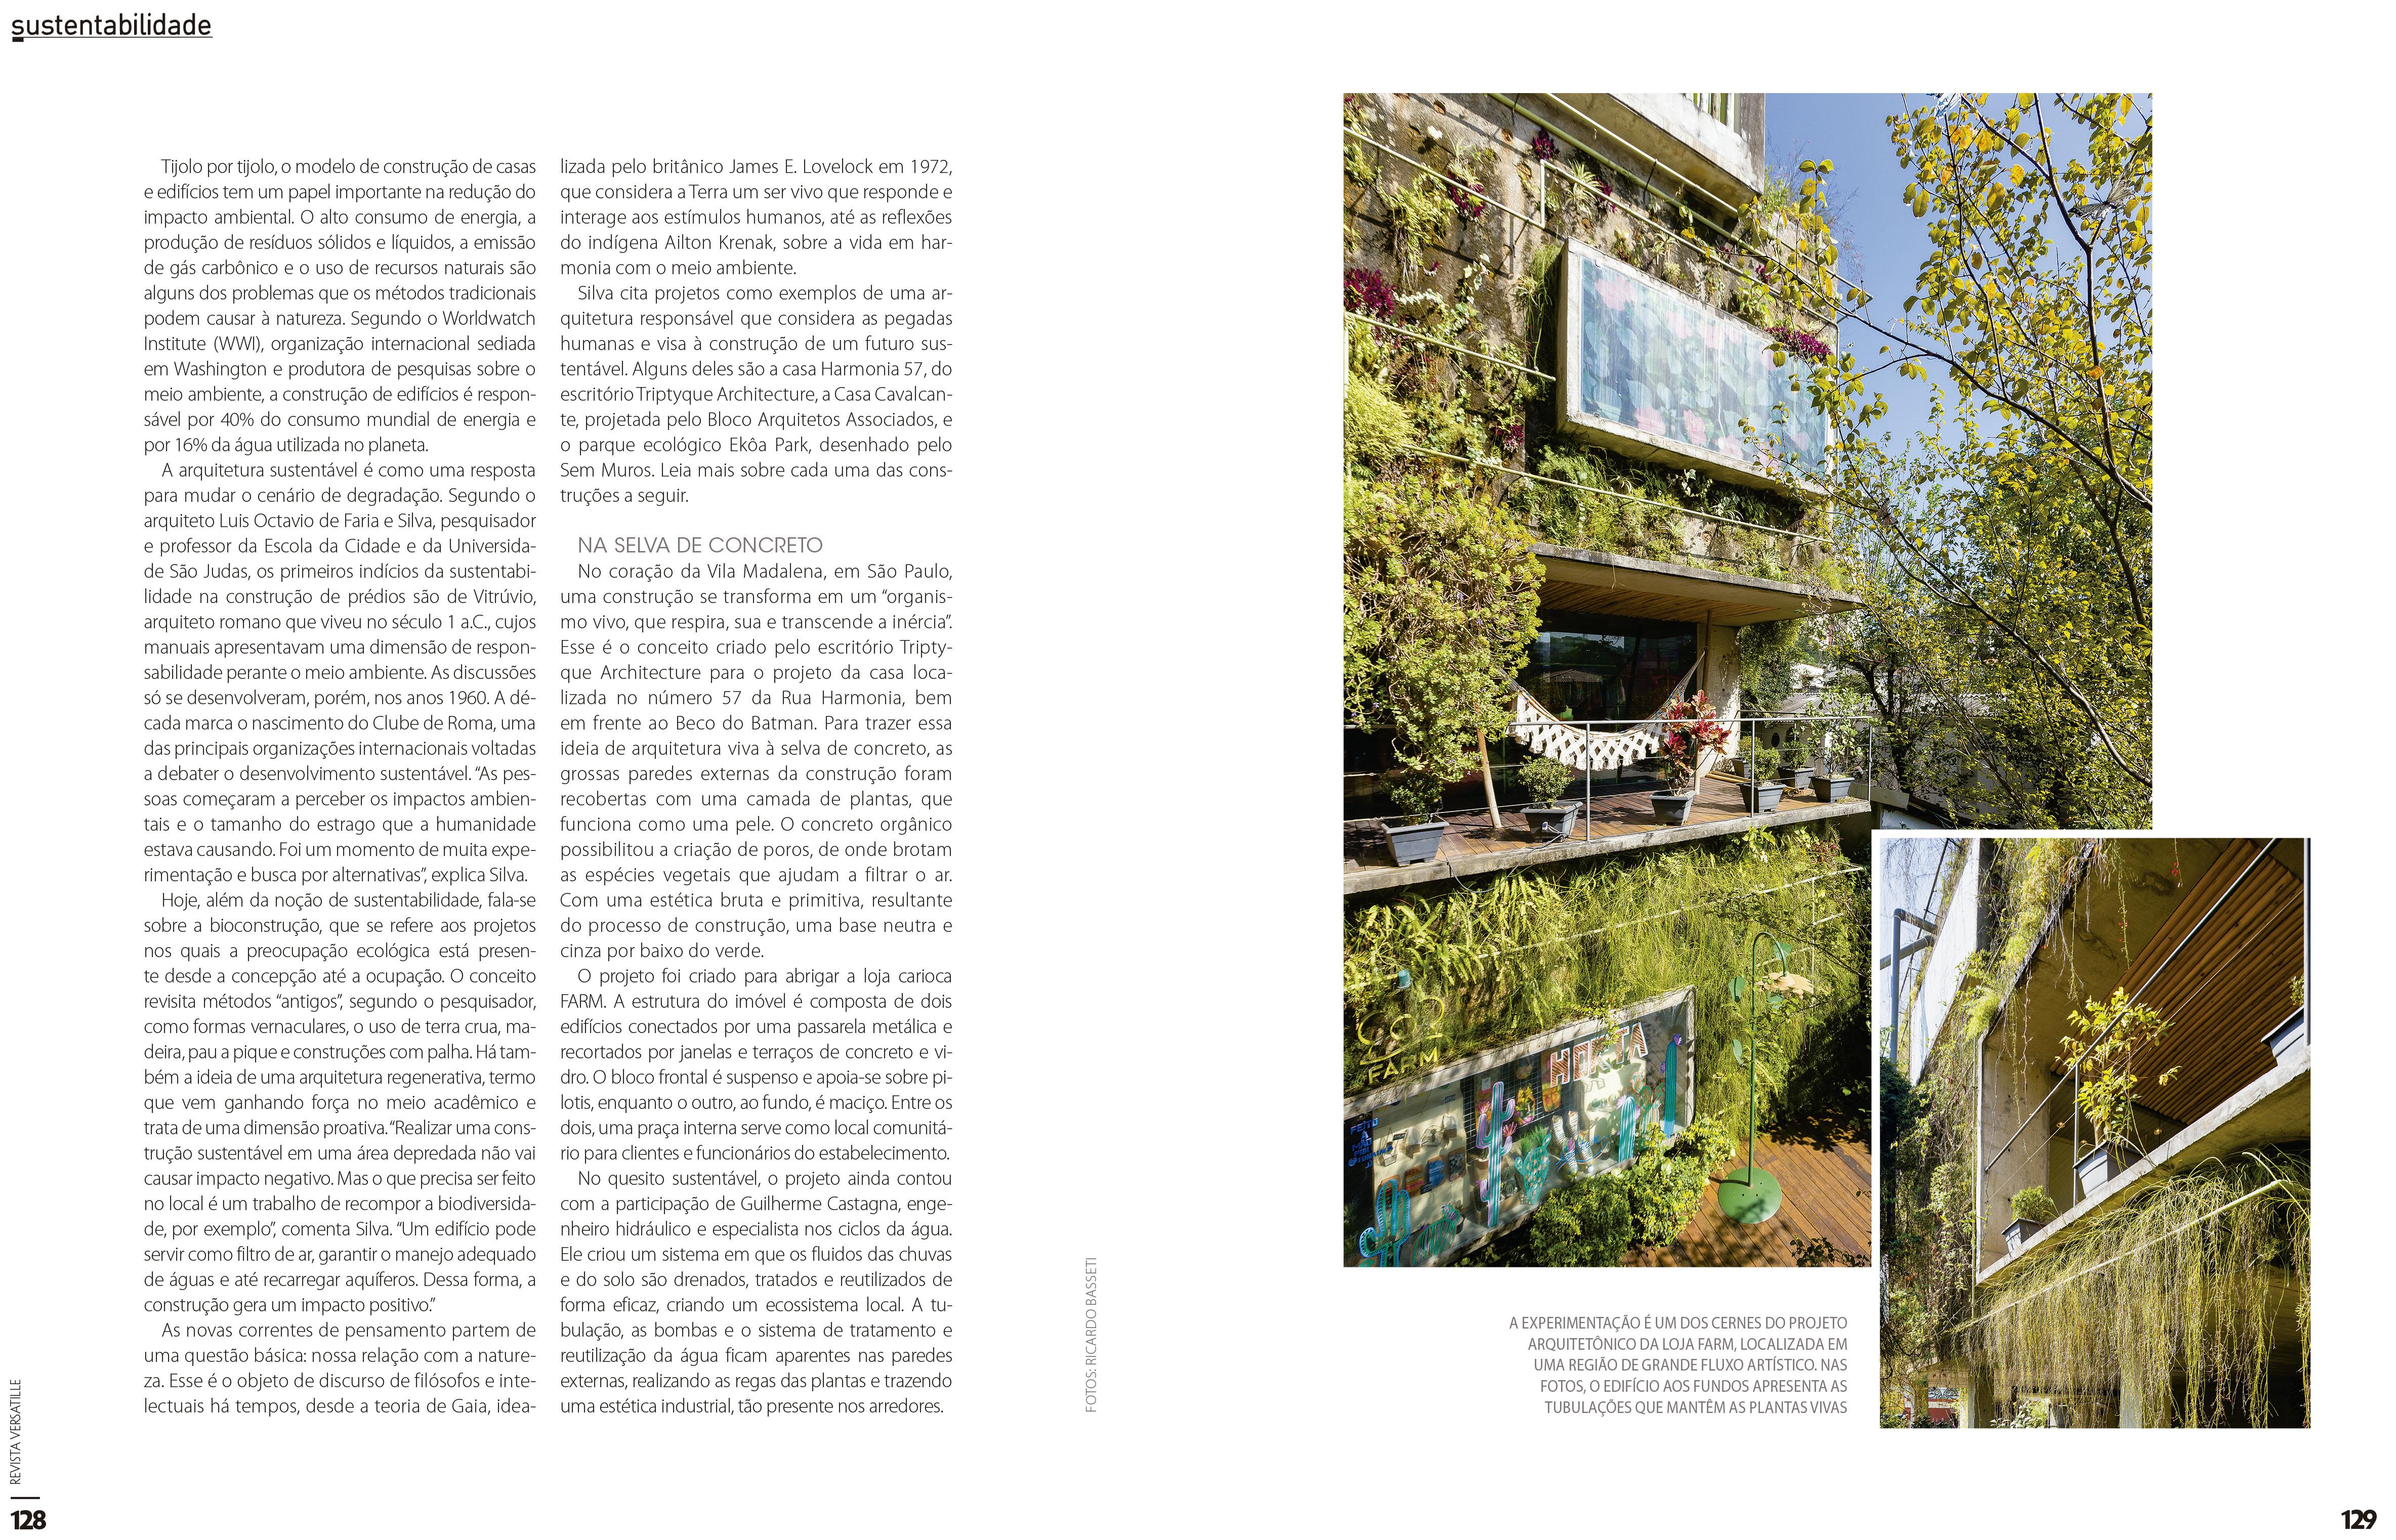 126_ED118_Arquitetura sustentavel-2